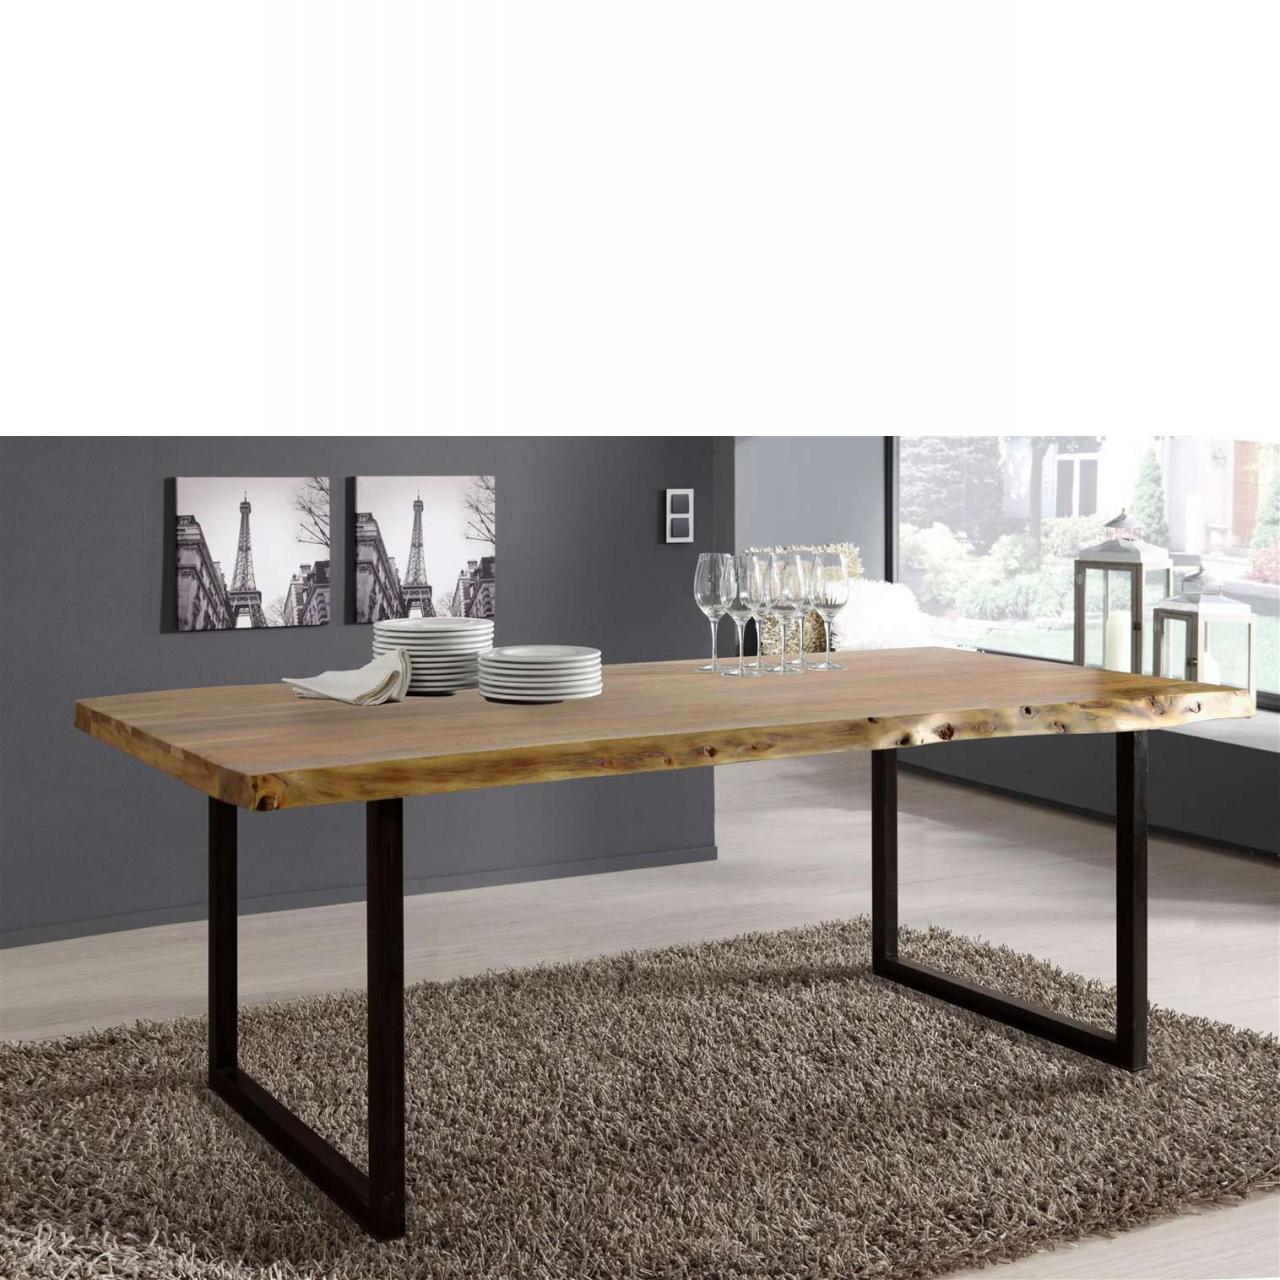 Esstisch mit granitpkatte 140x90 beste inspiration f r for Esstisch 140x90 ausziehbar